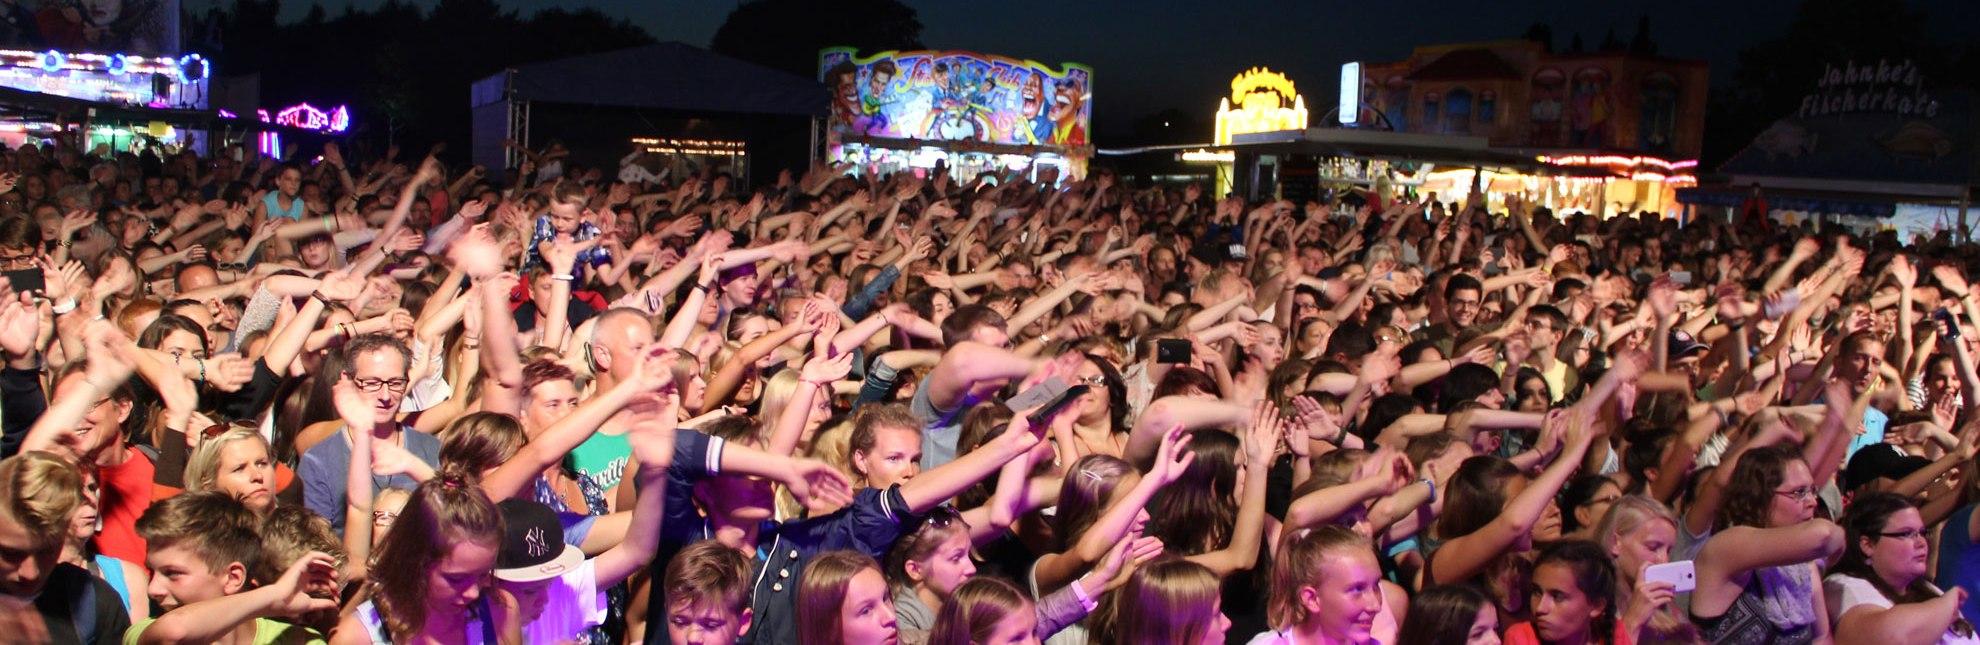 Begeistertes Publikum beim Live-Konzert von Max Giesinger zum Abschluss des Geesthachter Elbfestes, © Tourist-Information Geesthacht